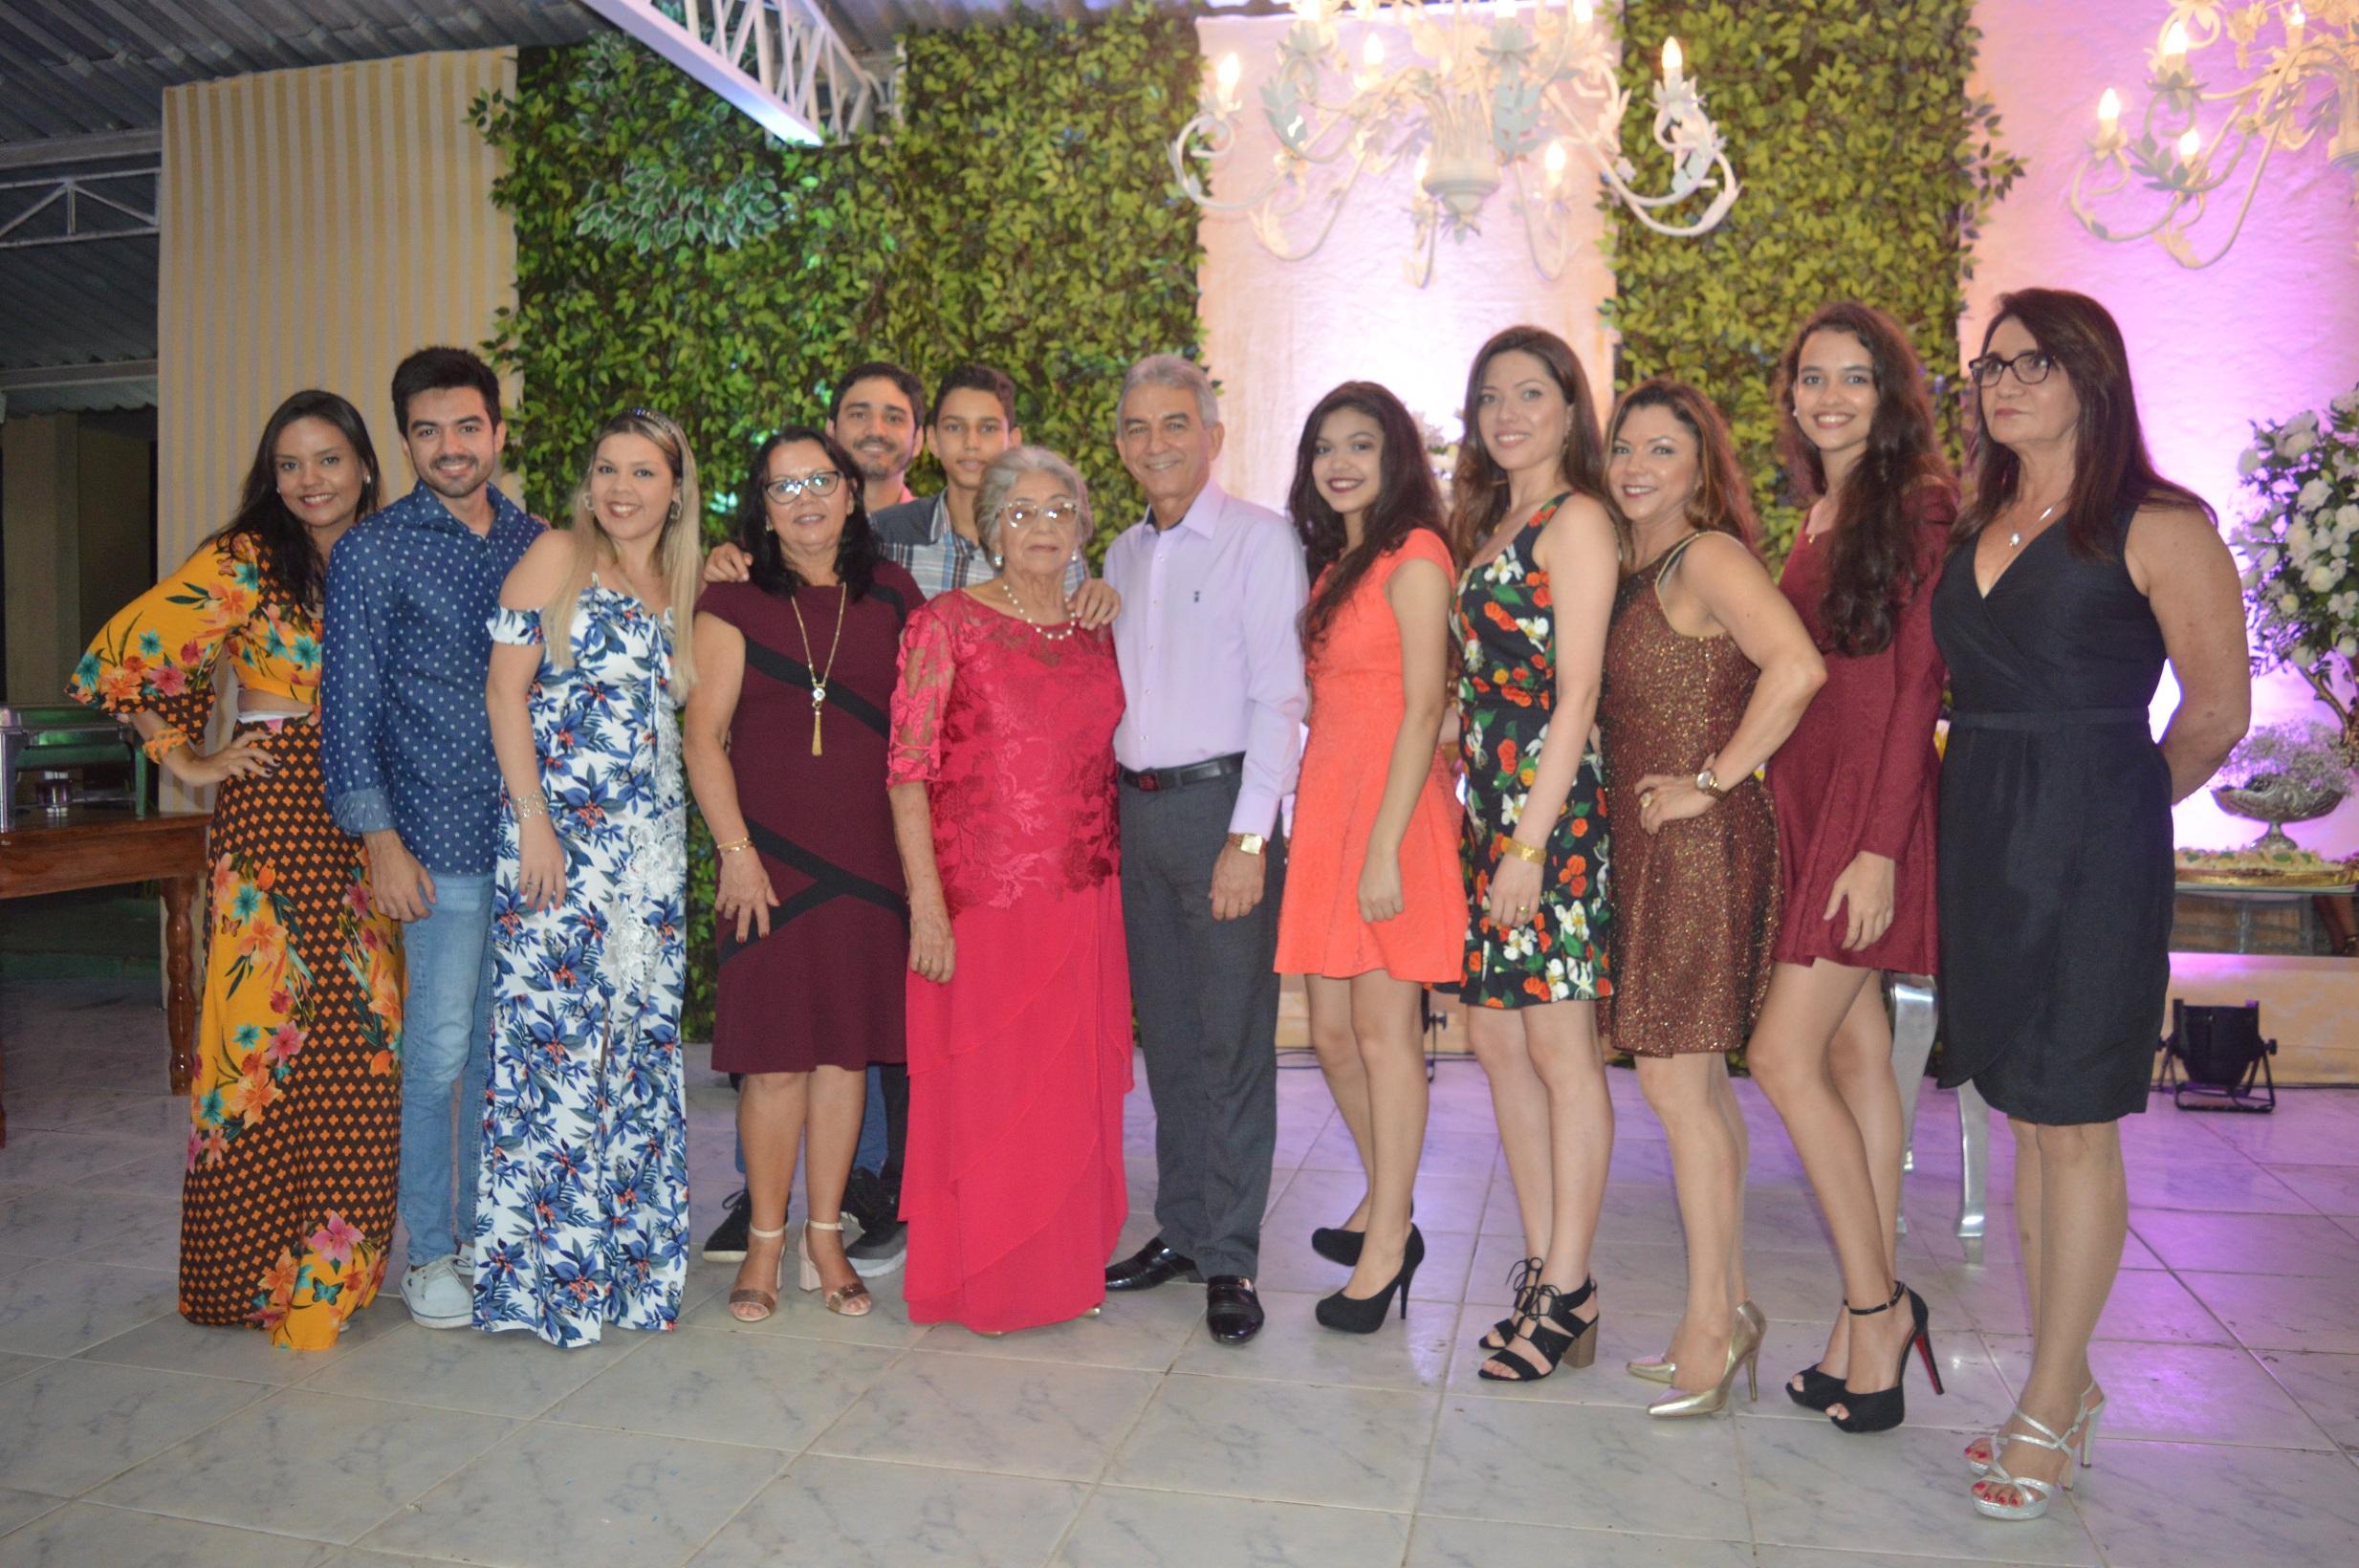 Nossa família em Festa. 90 Anos de Maria Vicência Rodrigues